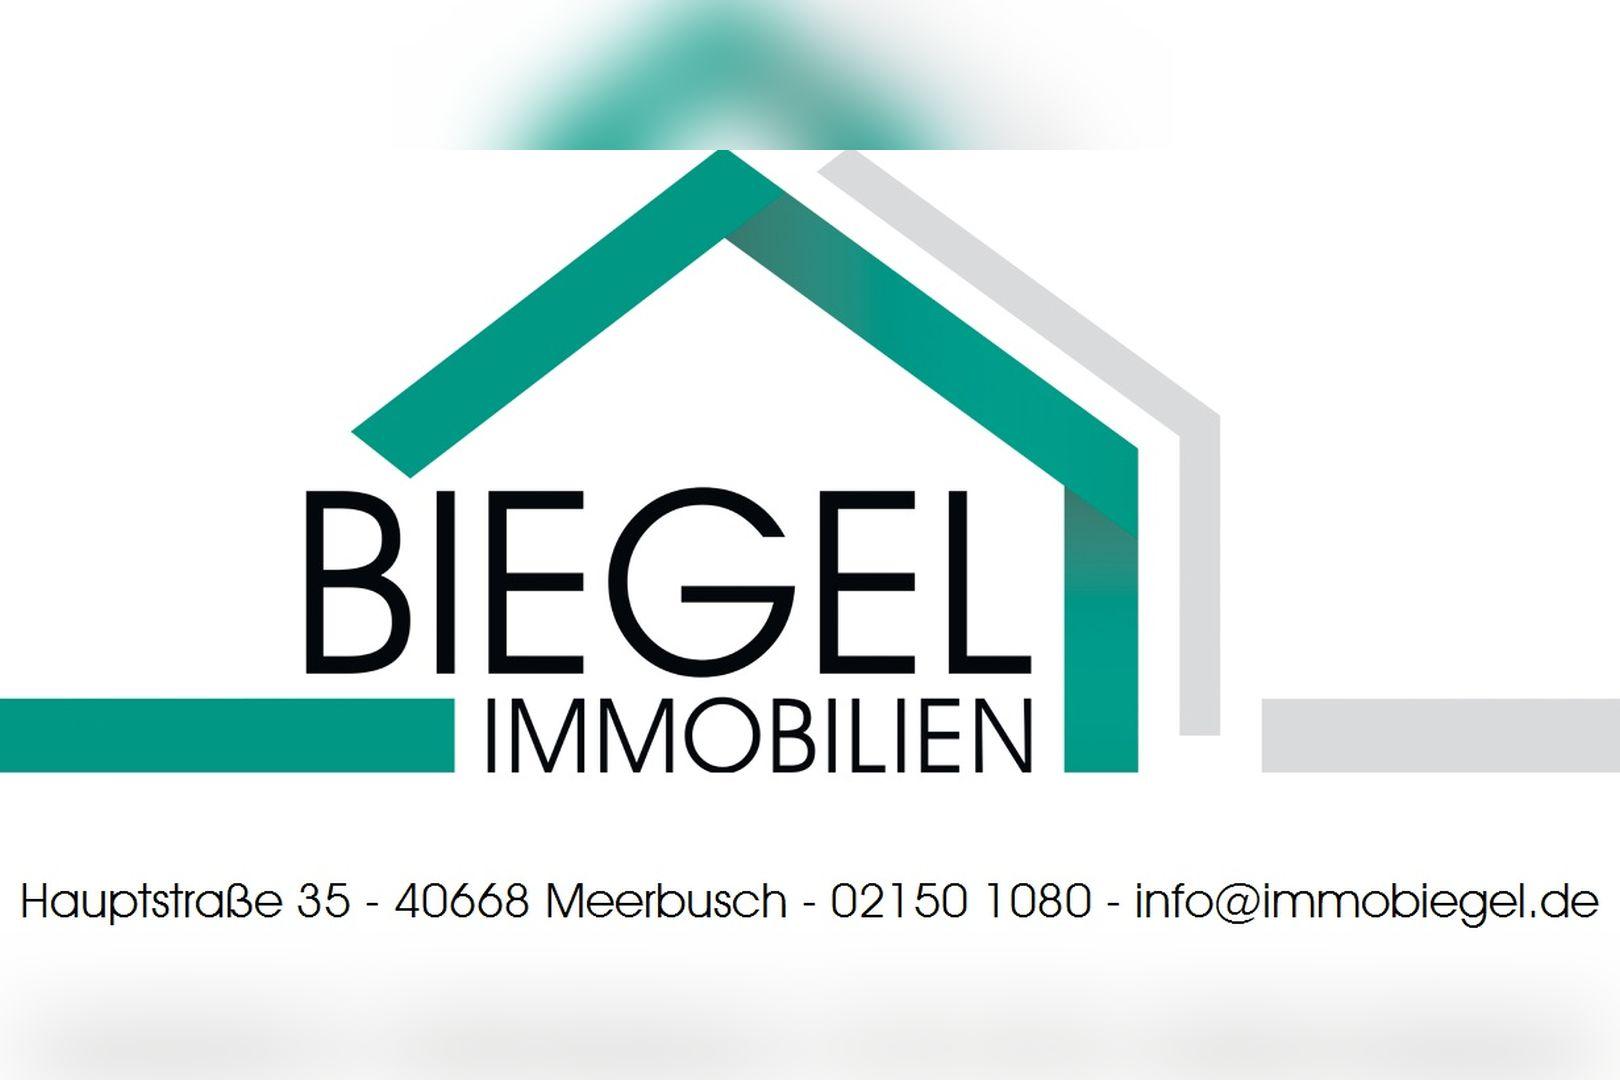 Immobilie Nr.0244 - Einraum-Appartement in Rheinnähe, Wodanstraße - Bild 15.jpg